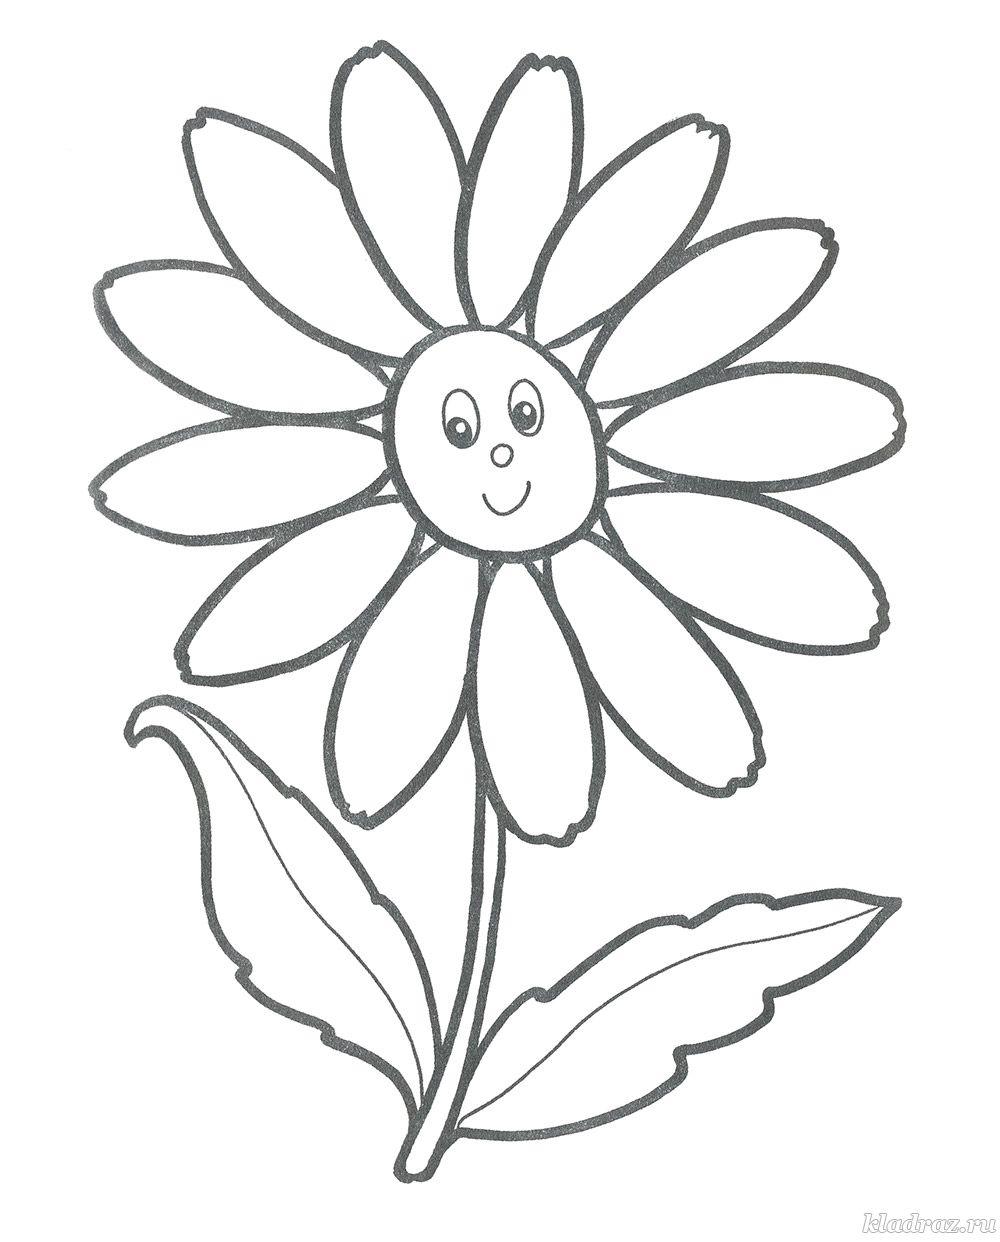 Раскраски «Цветы» для детей 3-4 лет распечатать бесплатно